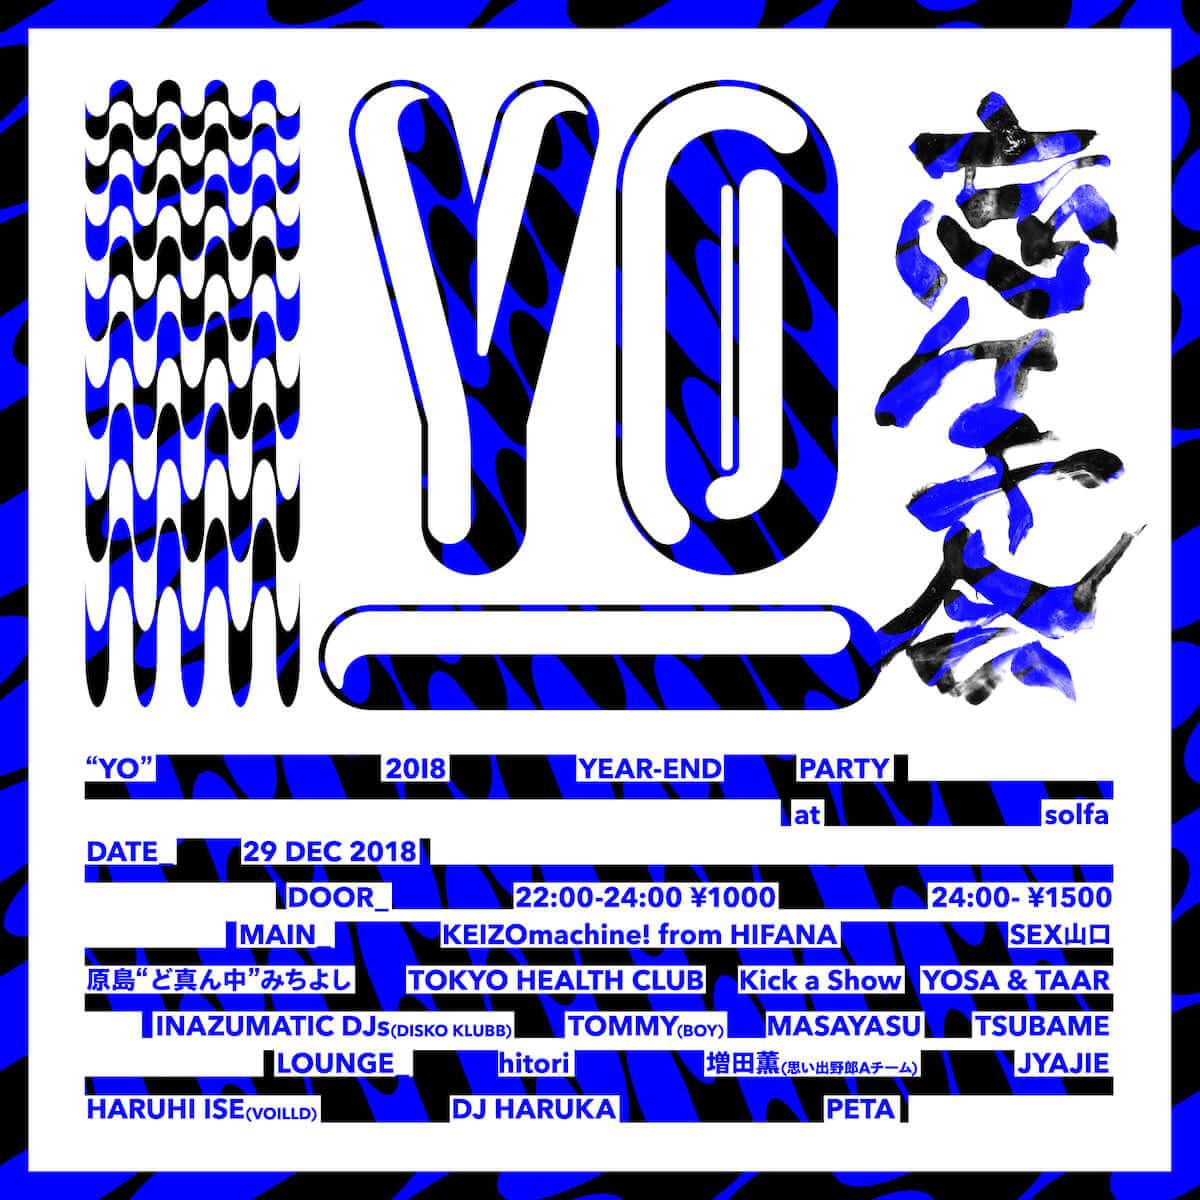 【フォトレポート】TOKYO HEALTH CLUB Presents NINGENDOG yo-181228-1200x1200